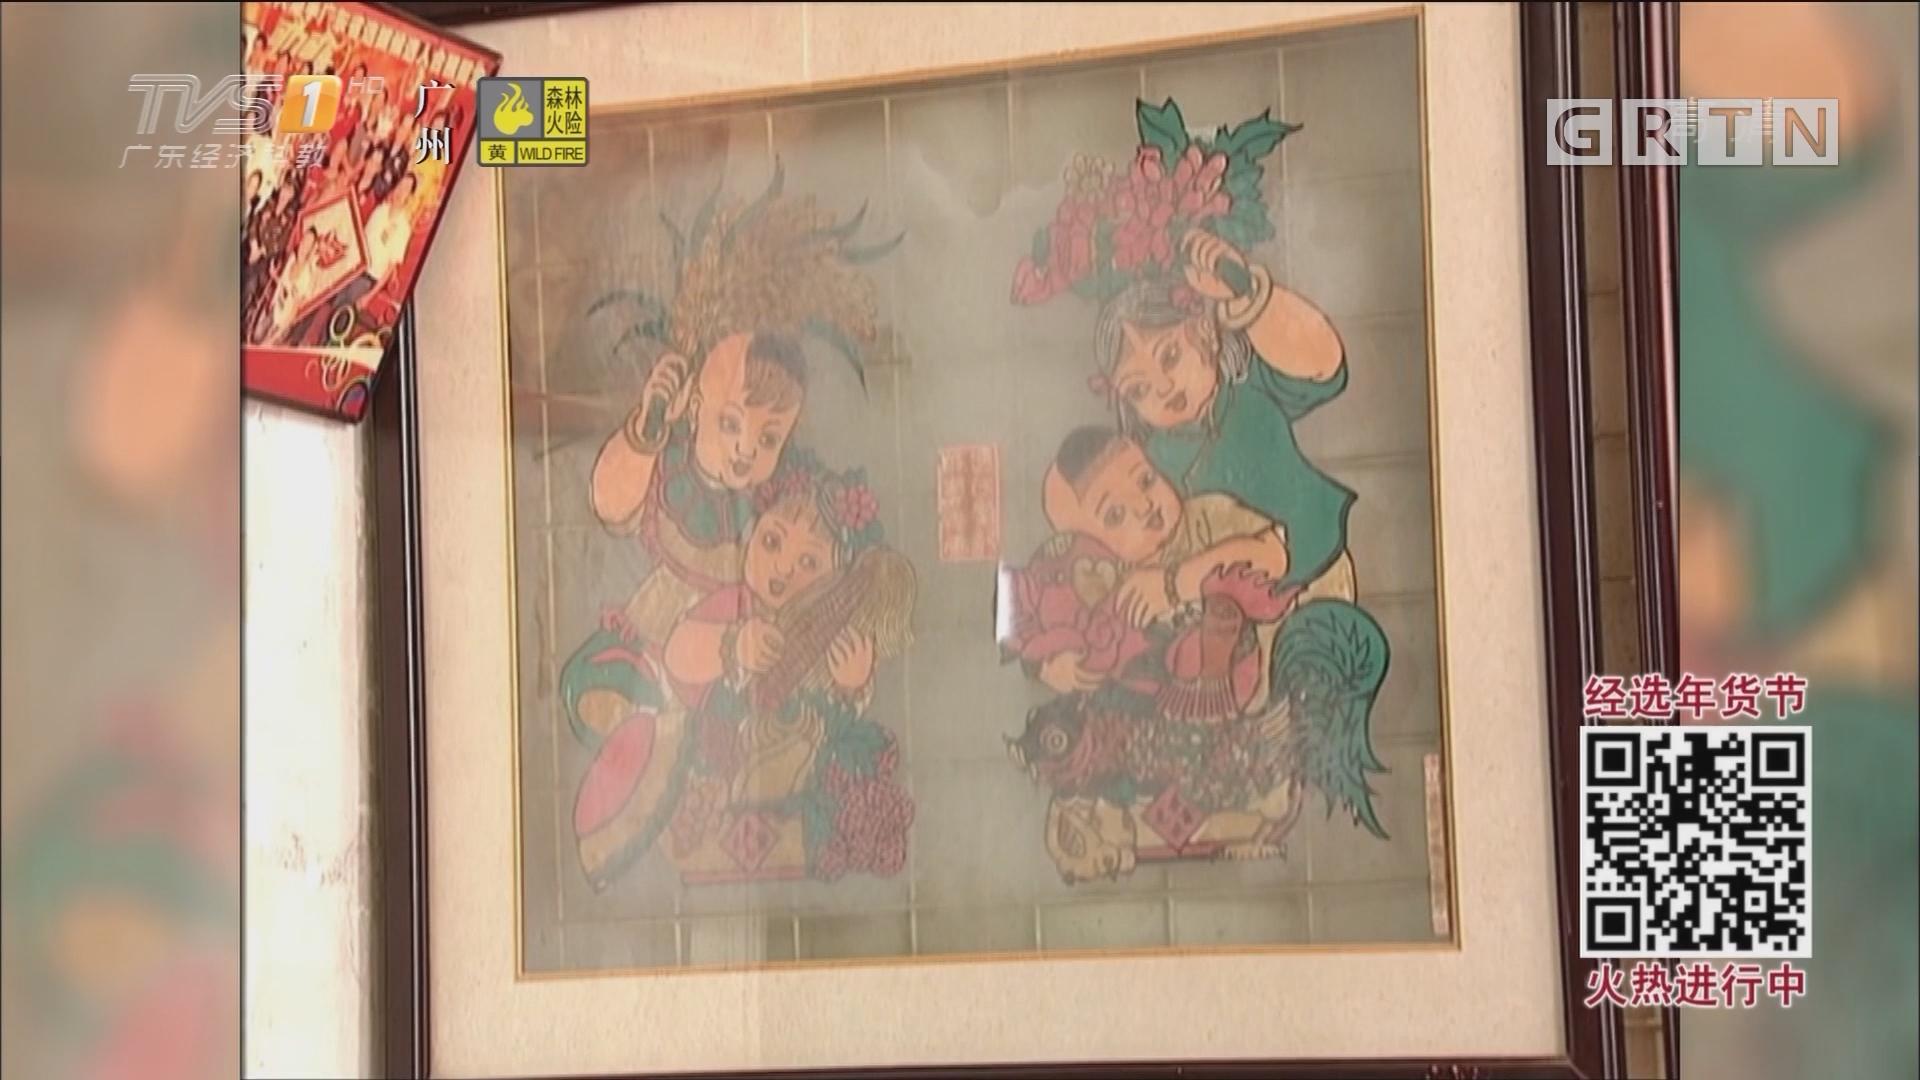 春节临近 传统木版年画畅销热卖